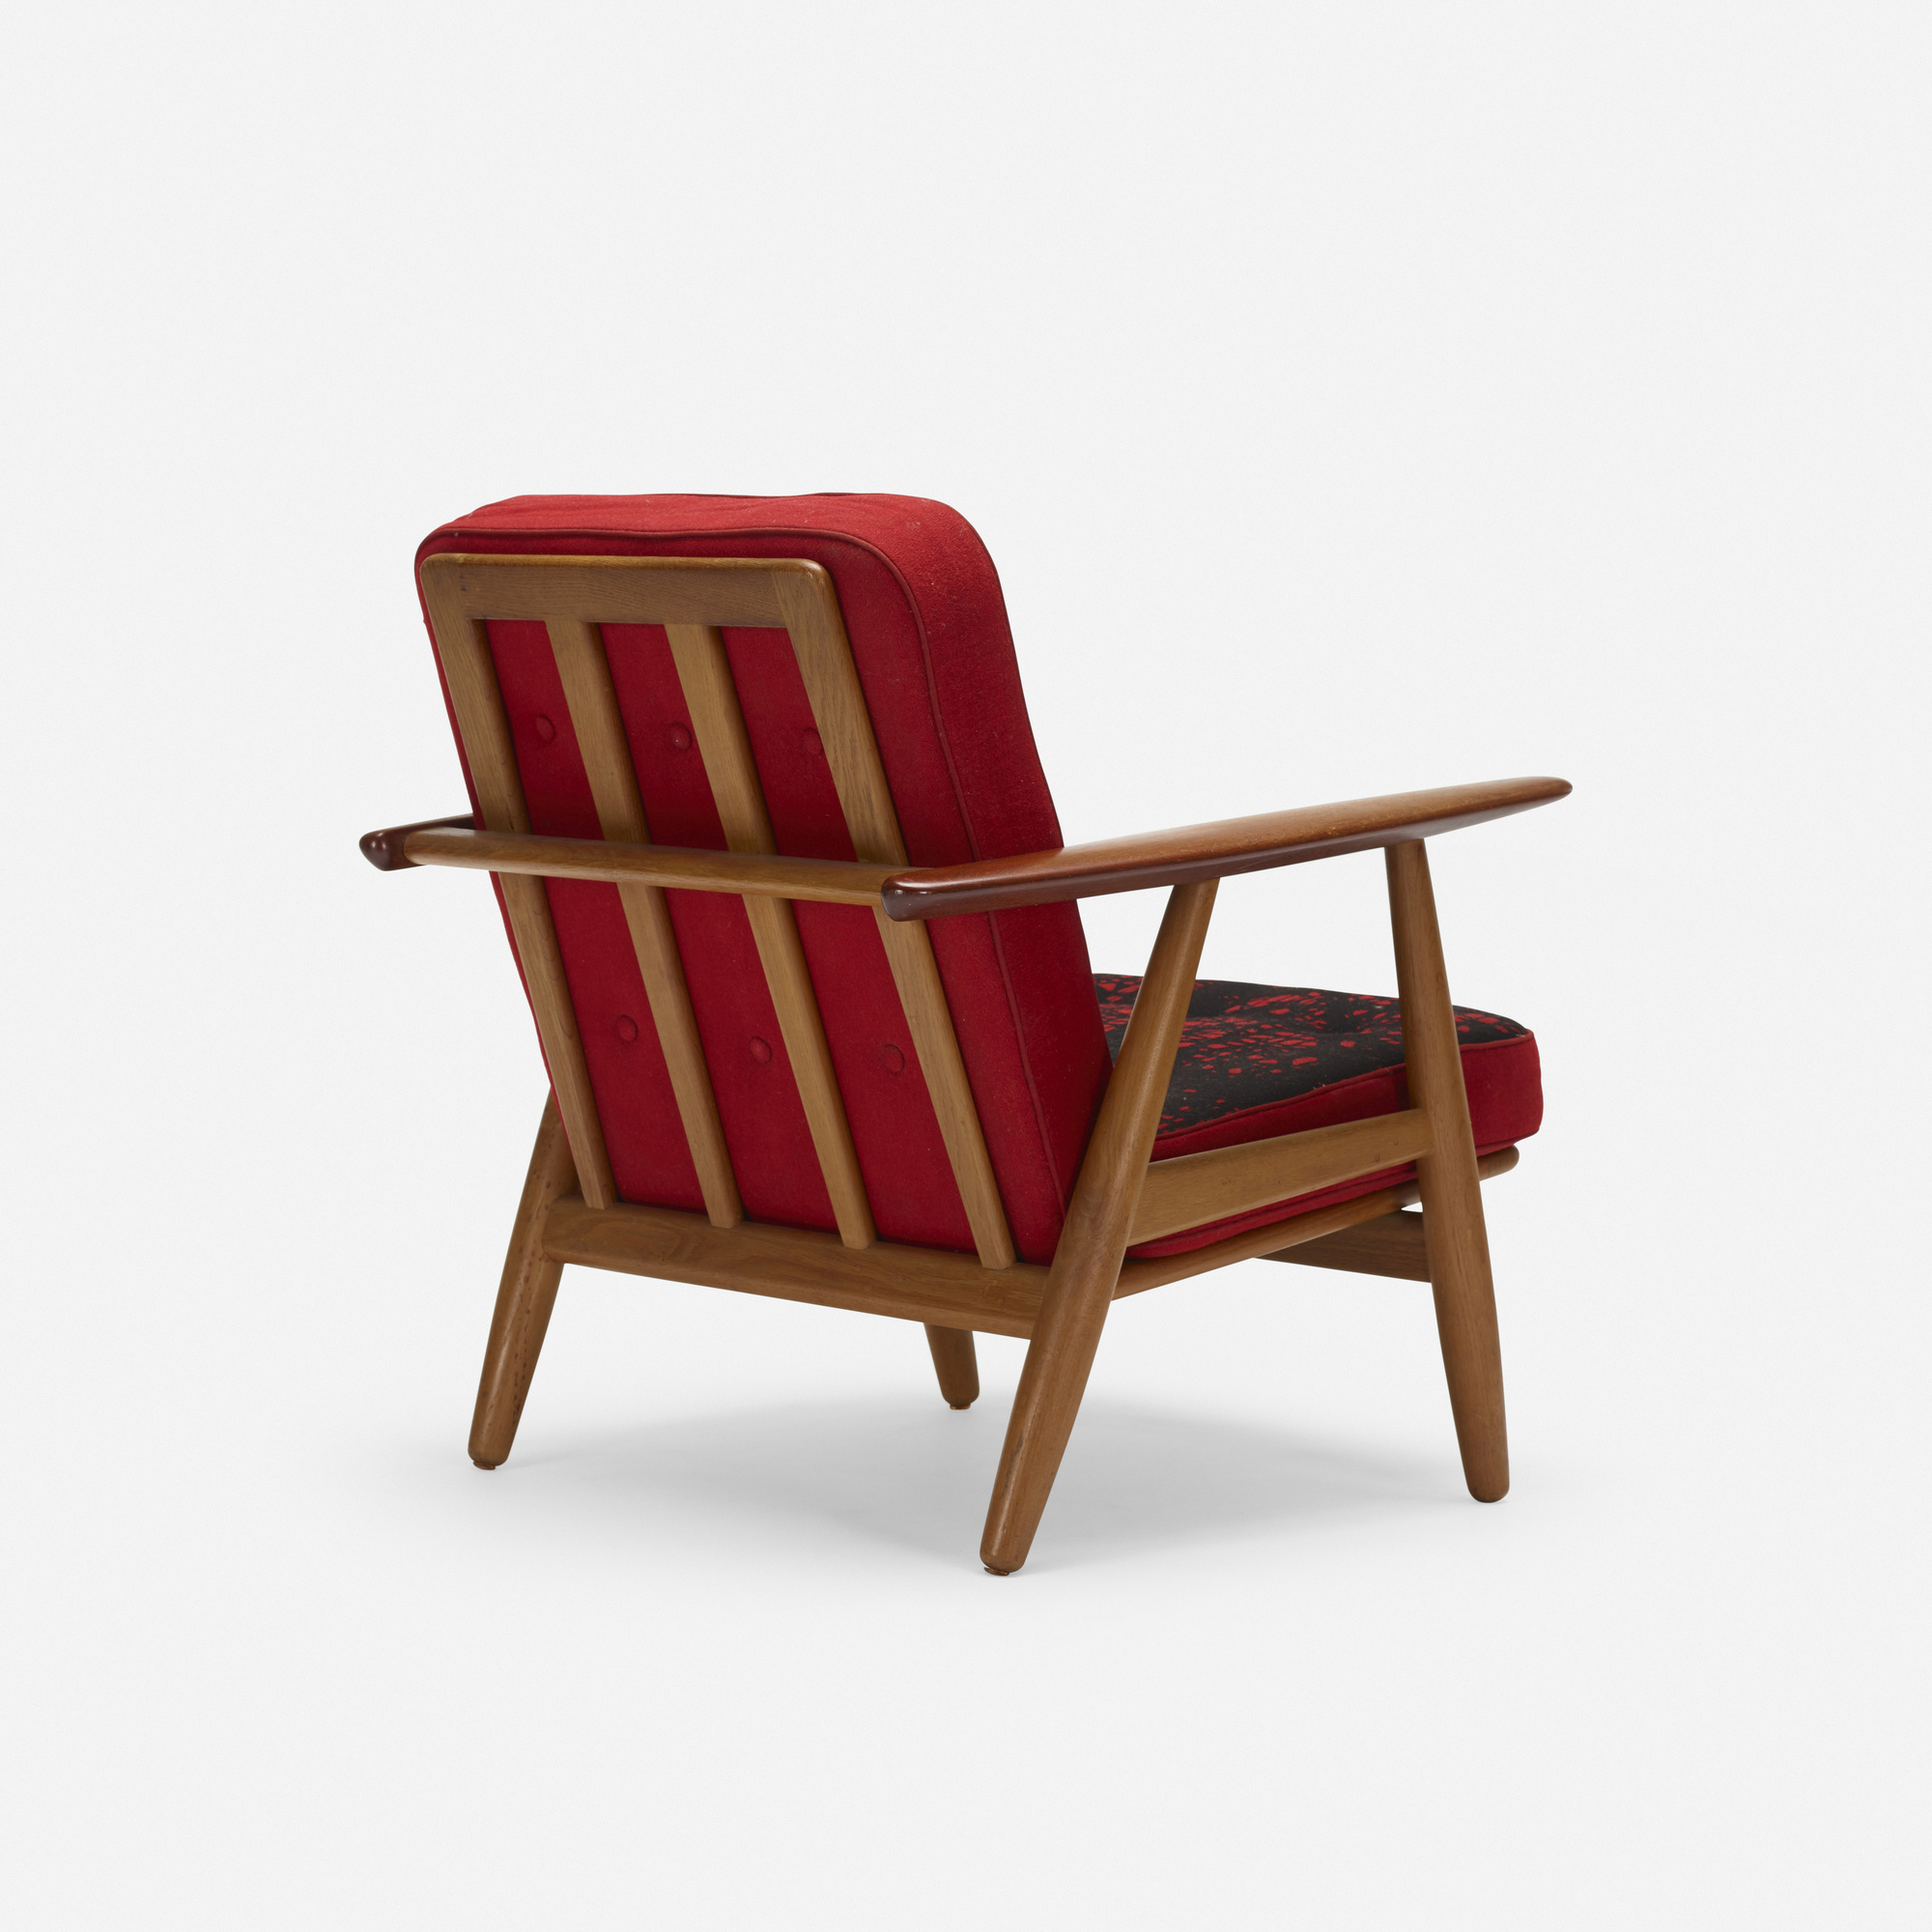 785: Hans J. Wegner / lounge chair, model GE240 (1 of 3)